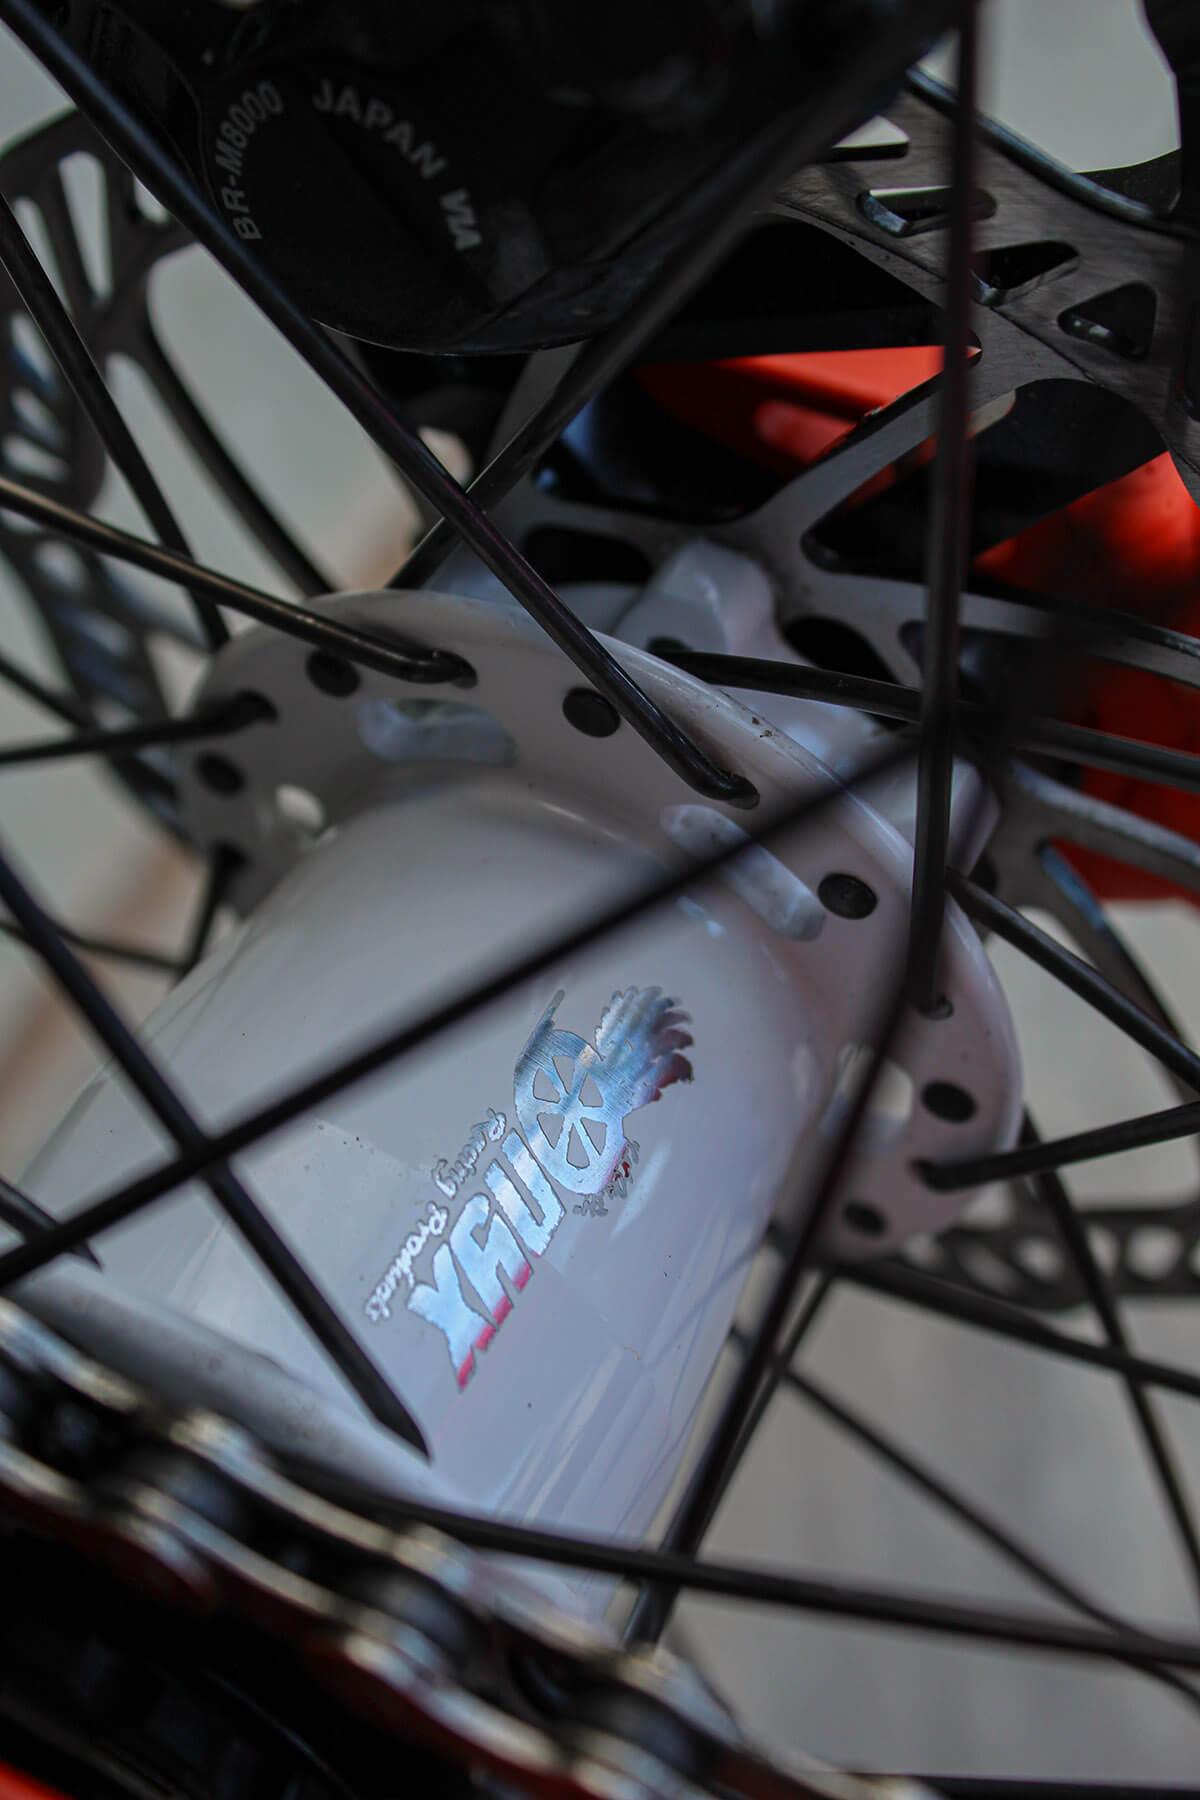 Sorcha McConnell Thril BMX Bike Check - Fifteen BMX